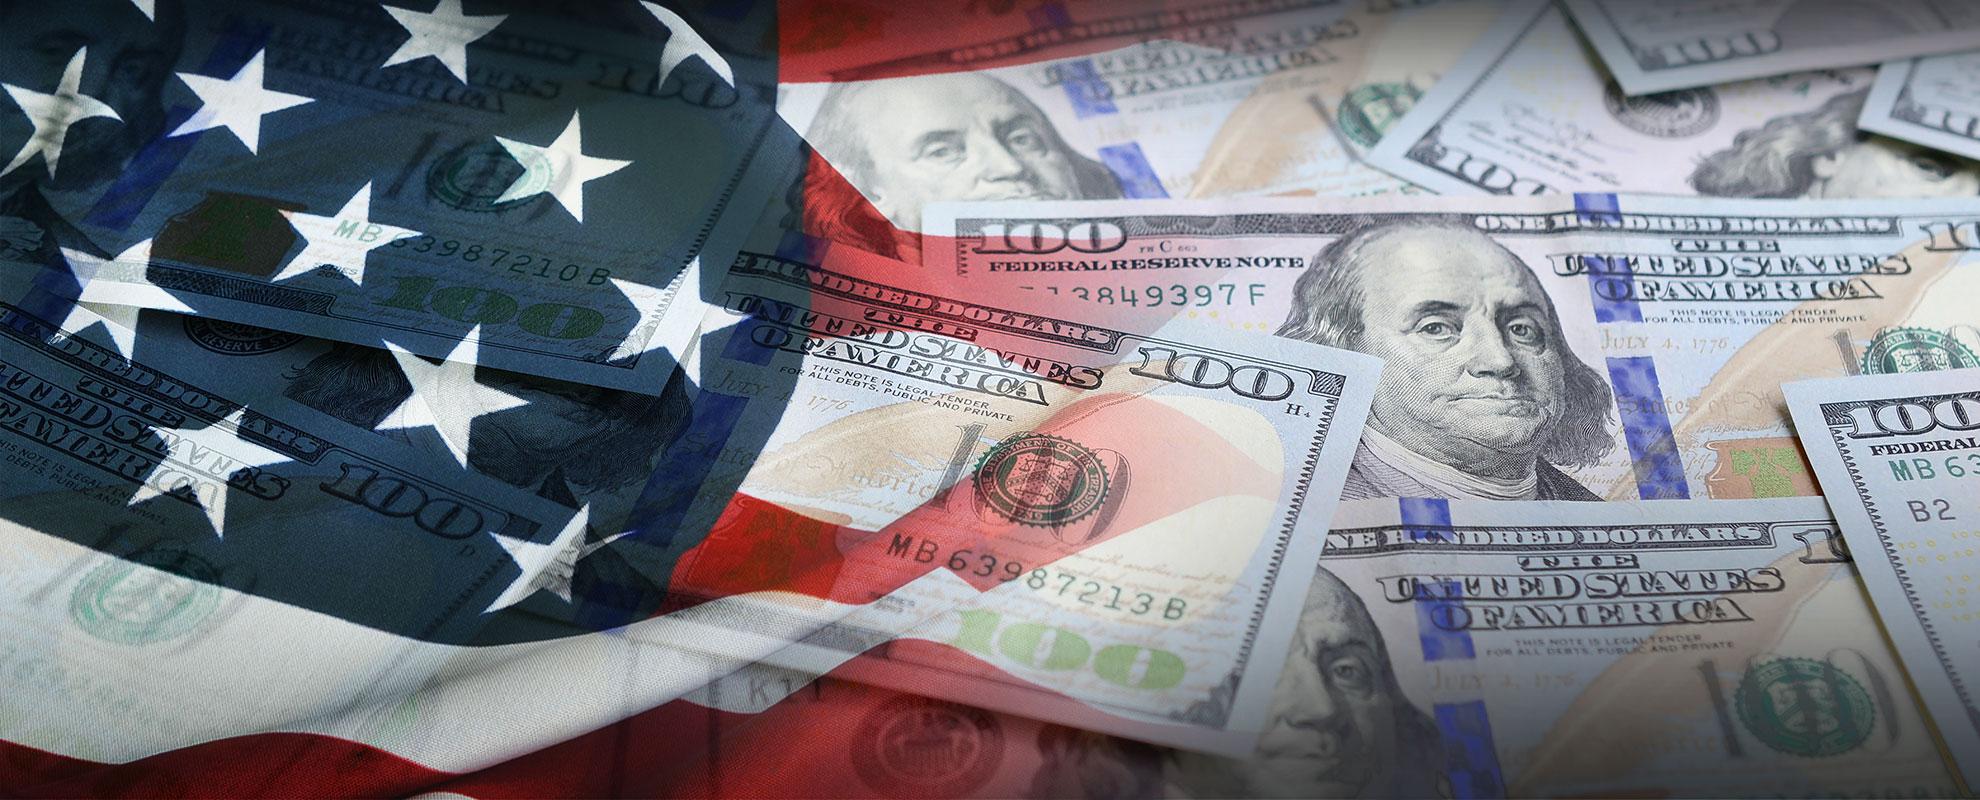 الدولار يرتفع قبيل صدور العديد من البيانات الاقتصادية